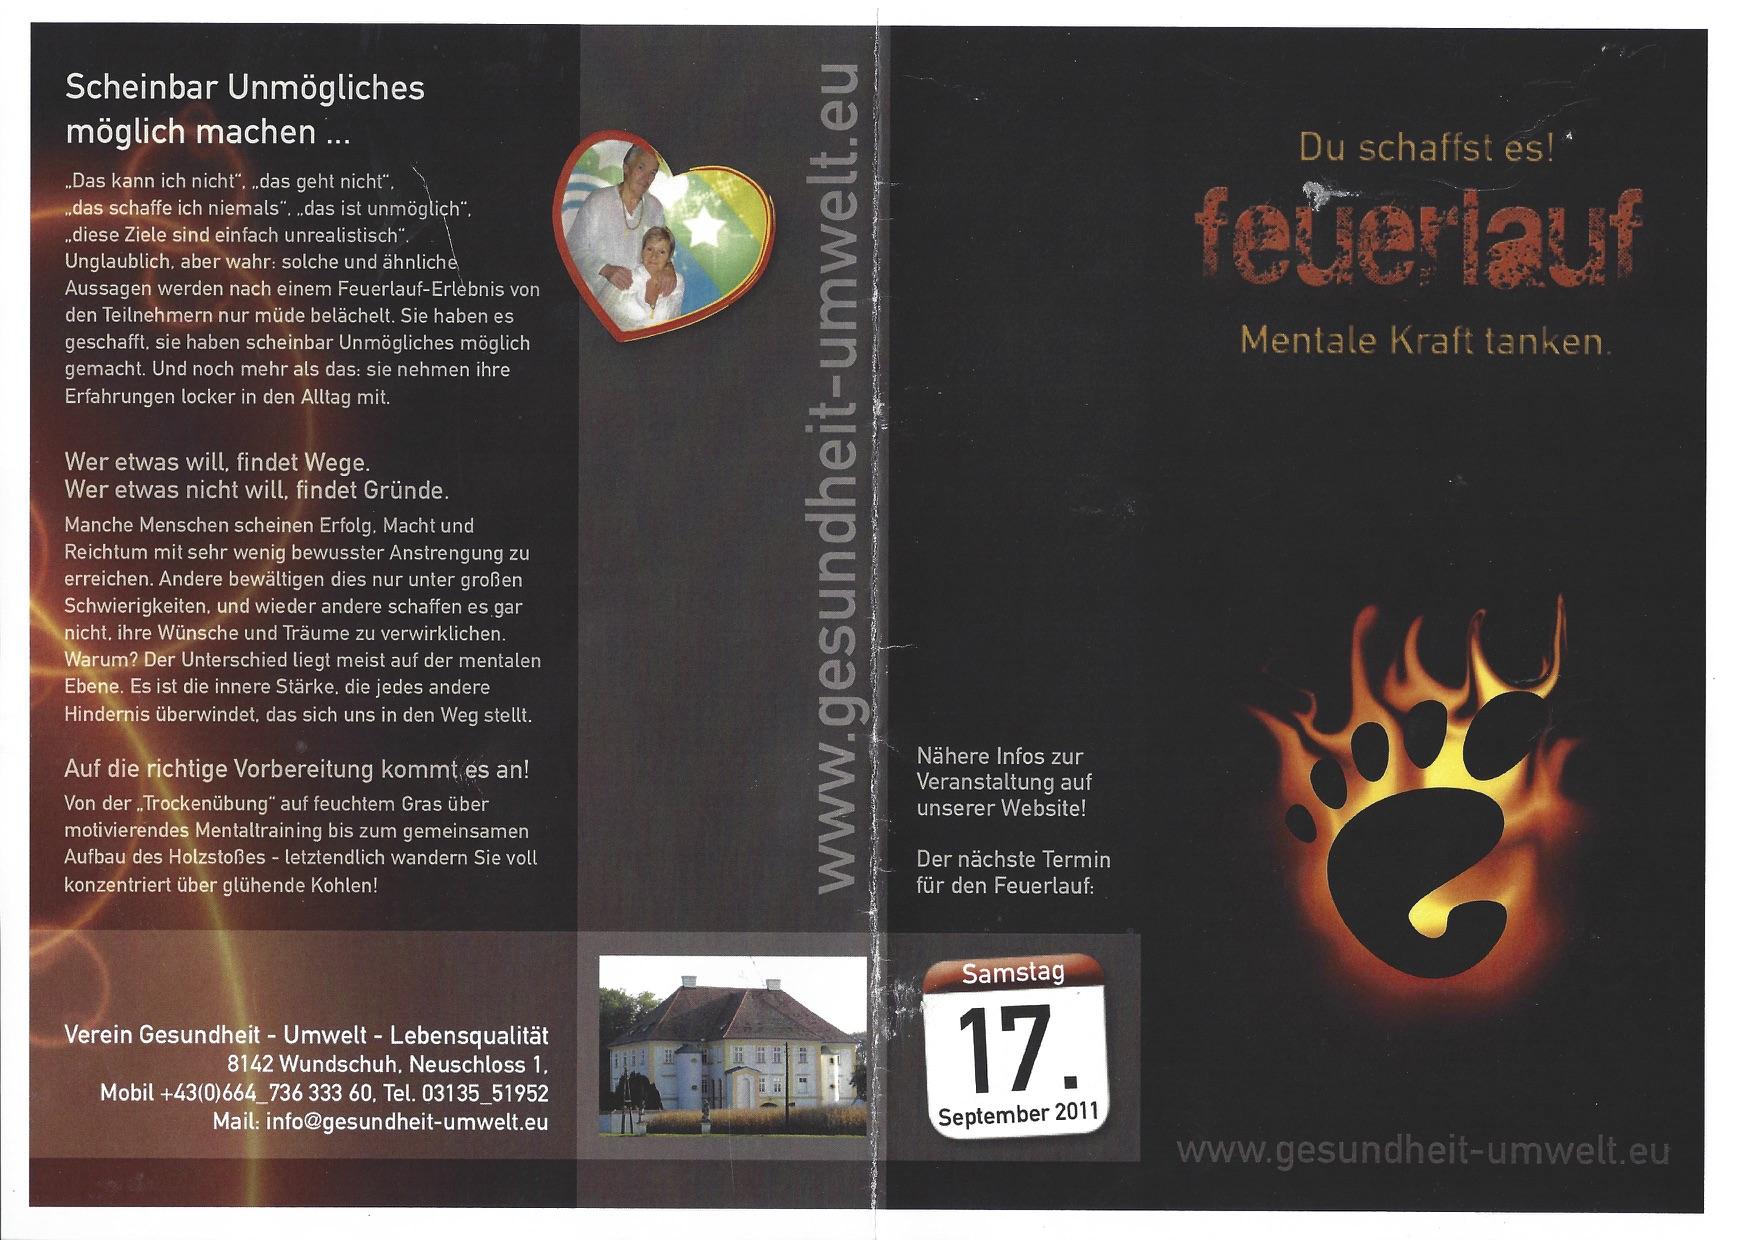 Barfuß über glühende Kohlen. Teambuilding und Feuerlauf mit Martin Winkelhofer, www.feuerlauf-seminar.at